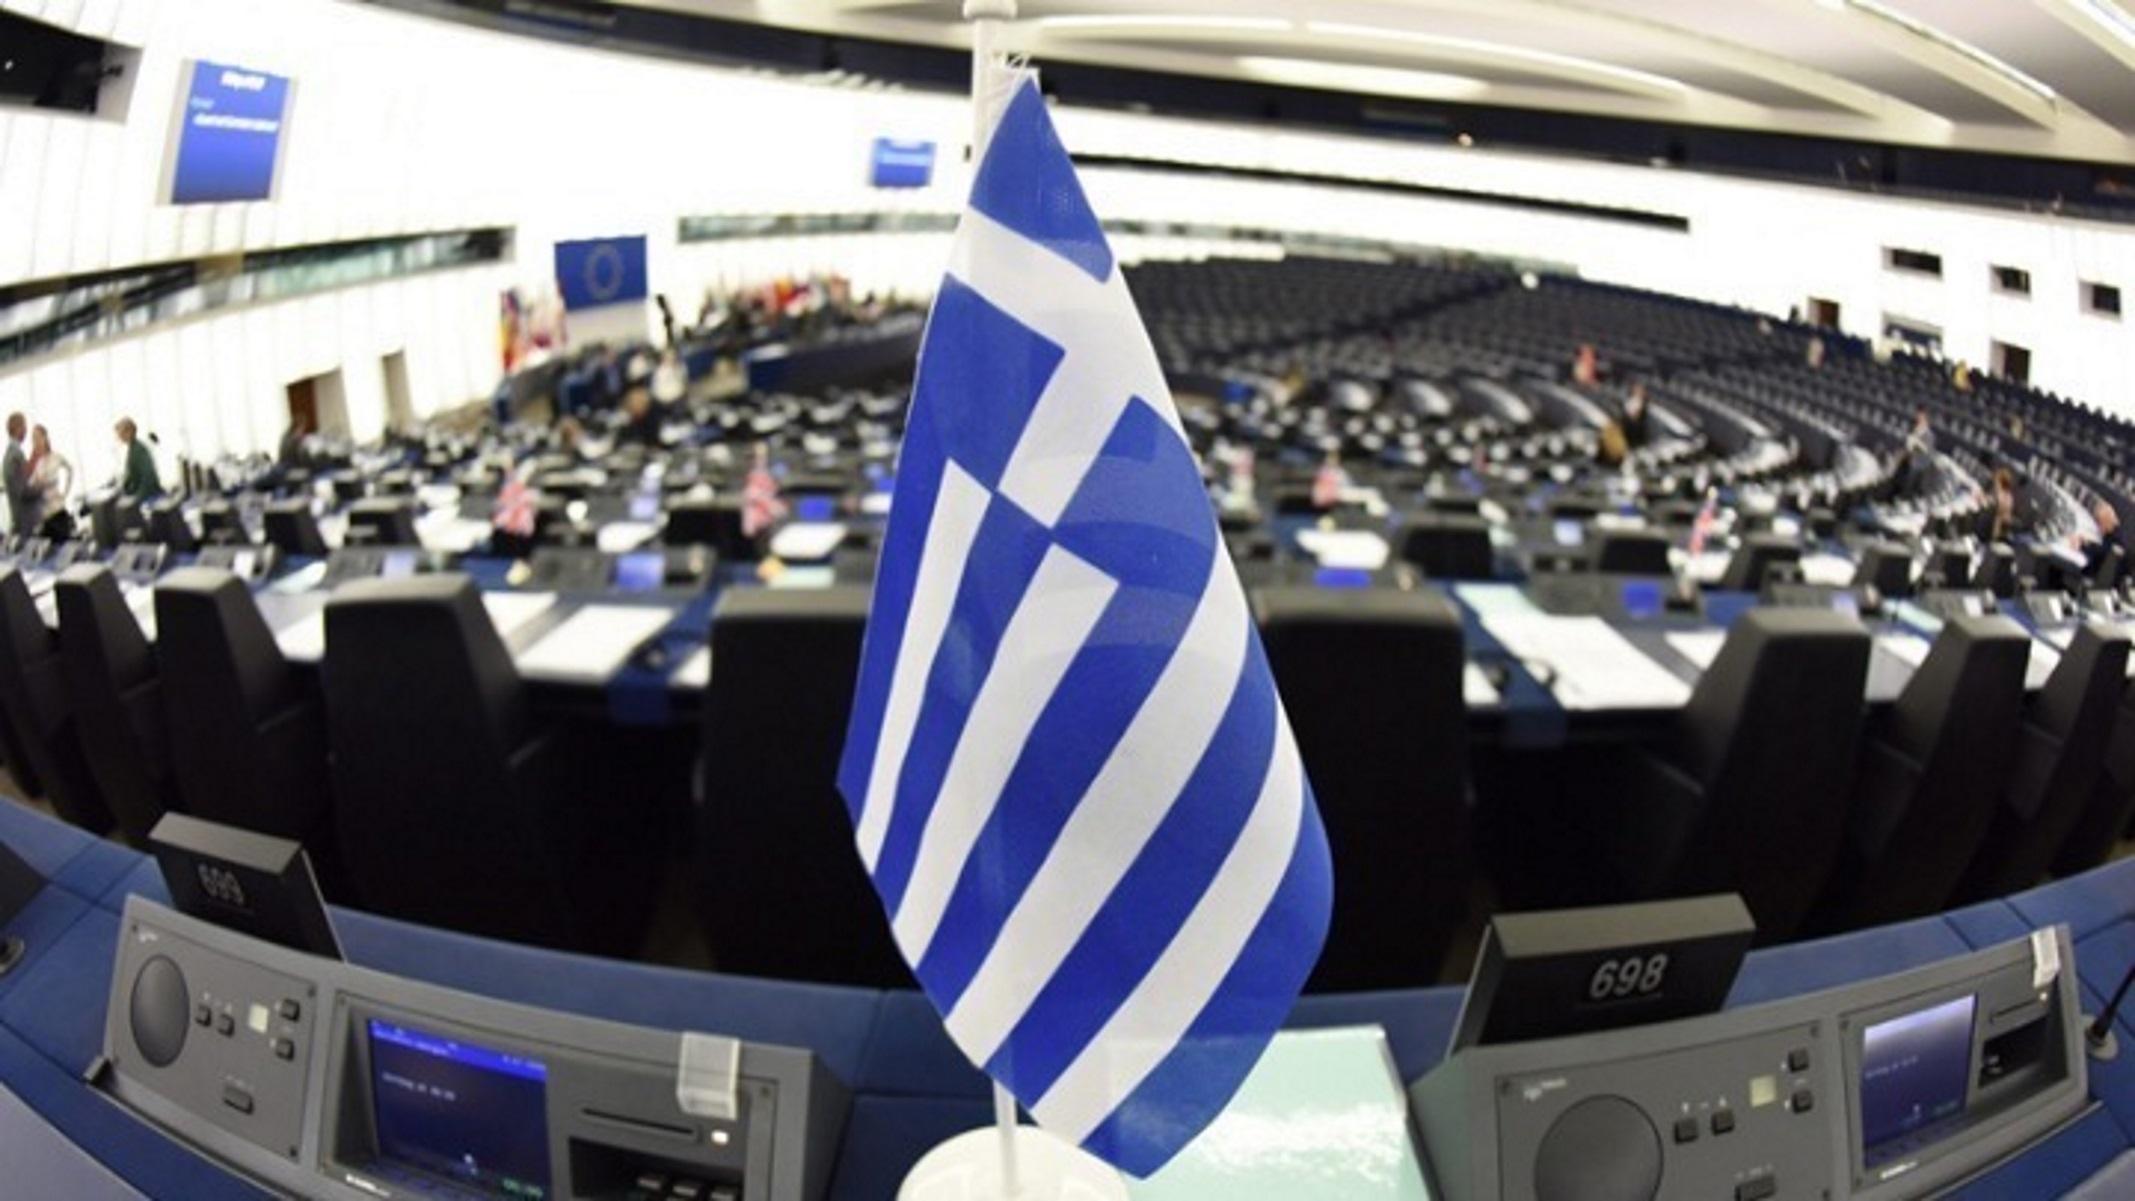 Πέθανε ο Γιάννης Θεωνάς – Η πορεία του από το ΚΚΕ στον ΣΥΡΙΖΑ – «Αγωνιστής της ενότητας της Αριστεράς»